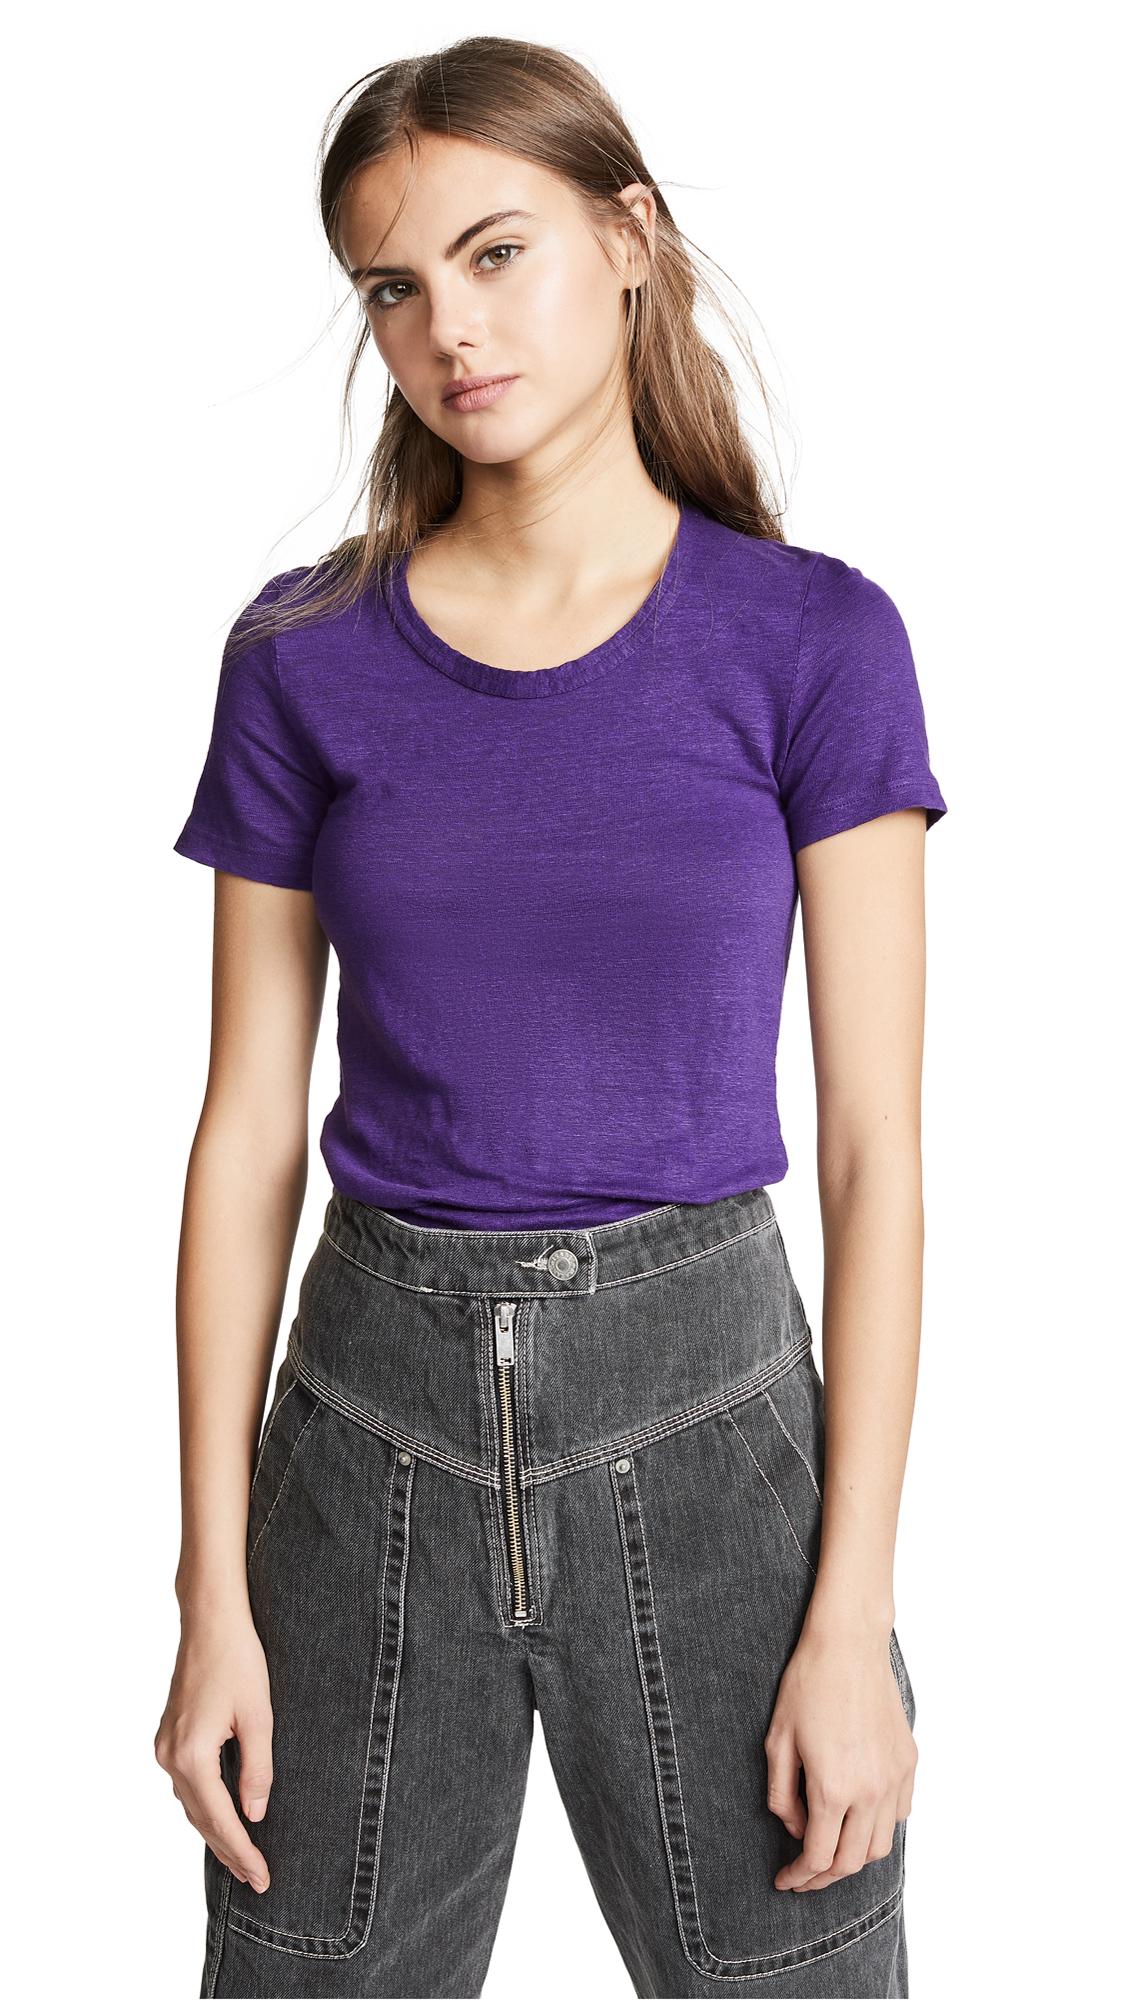 Isabel Marant Etoile Kiliann Tee - Purple